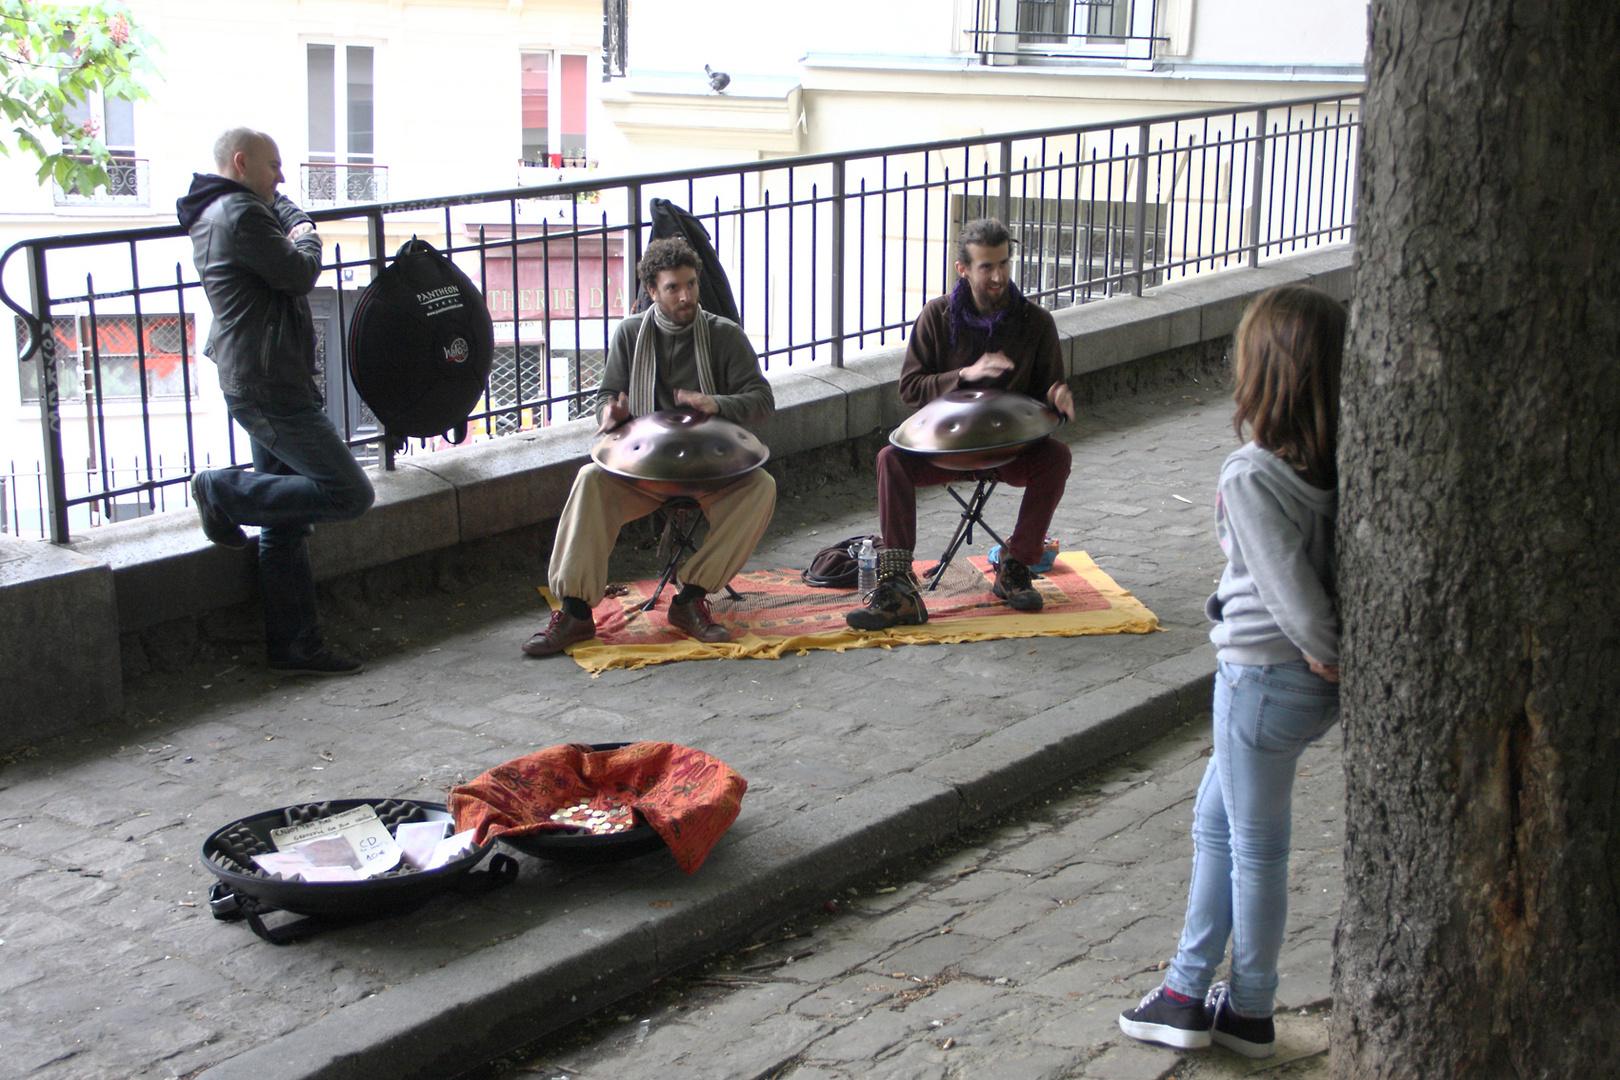 Straßenmusik am Montparnasse